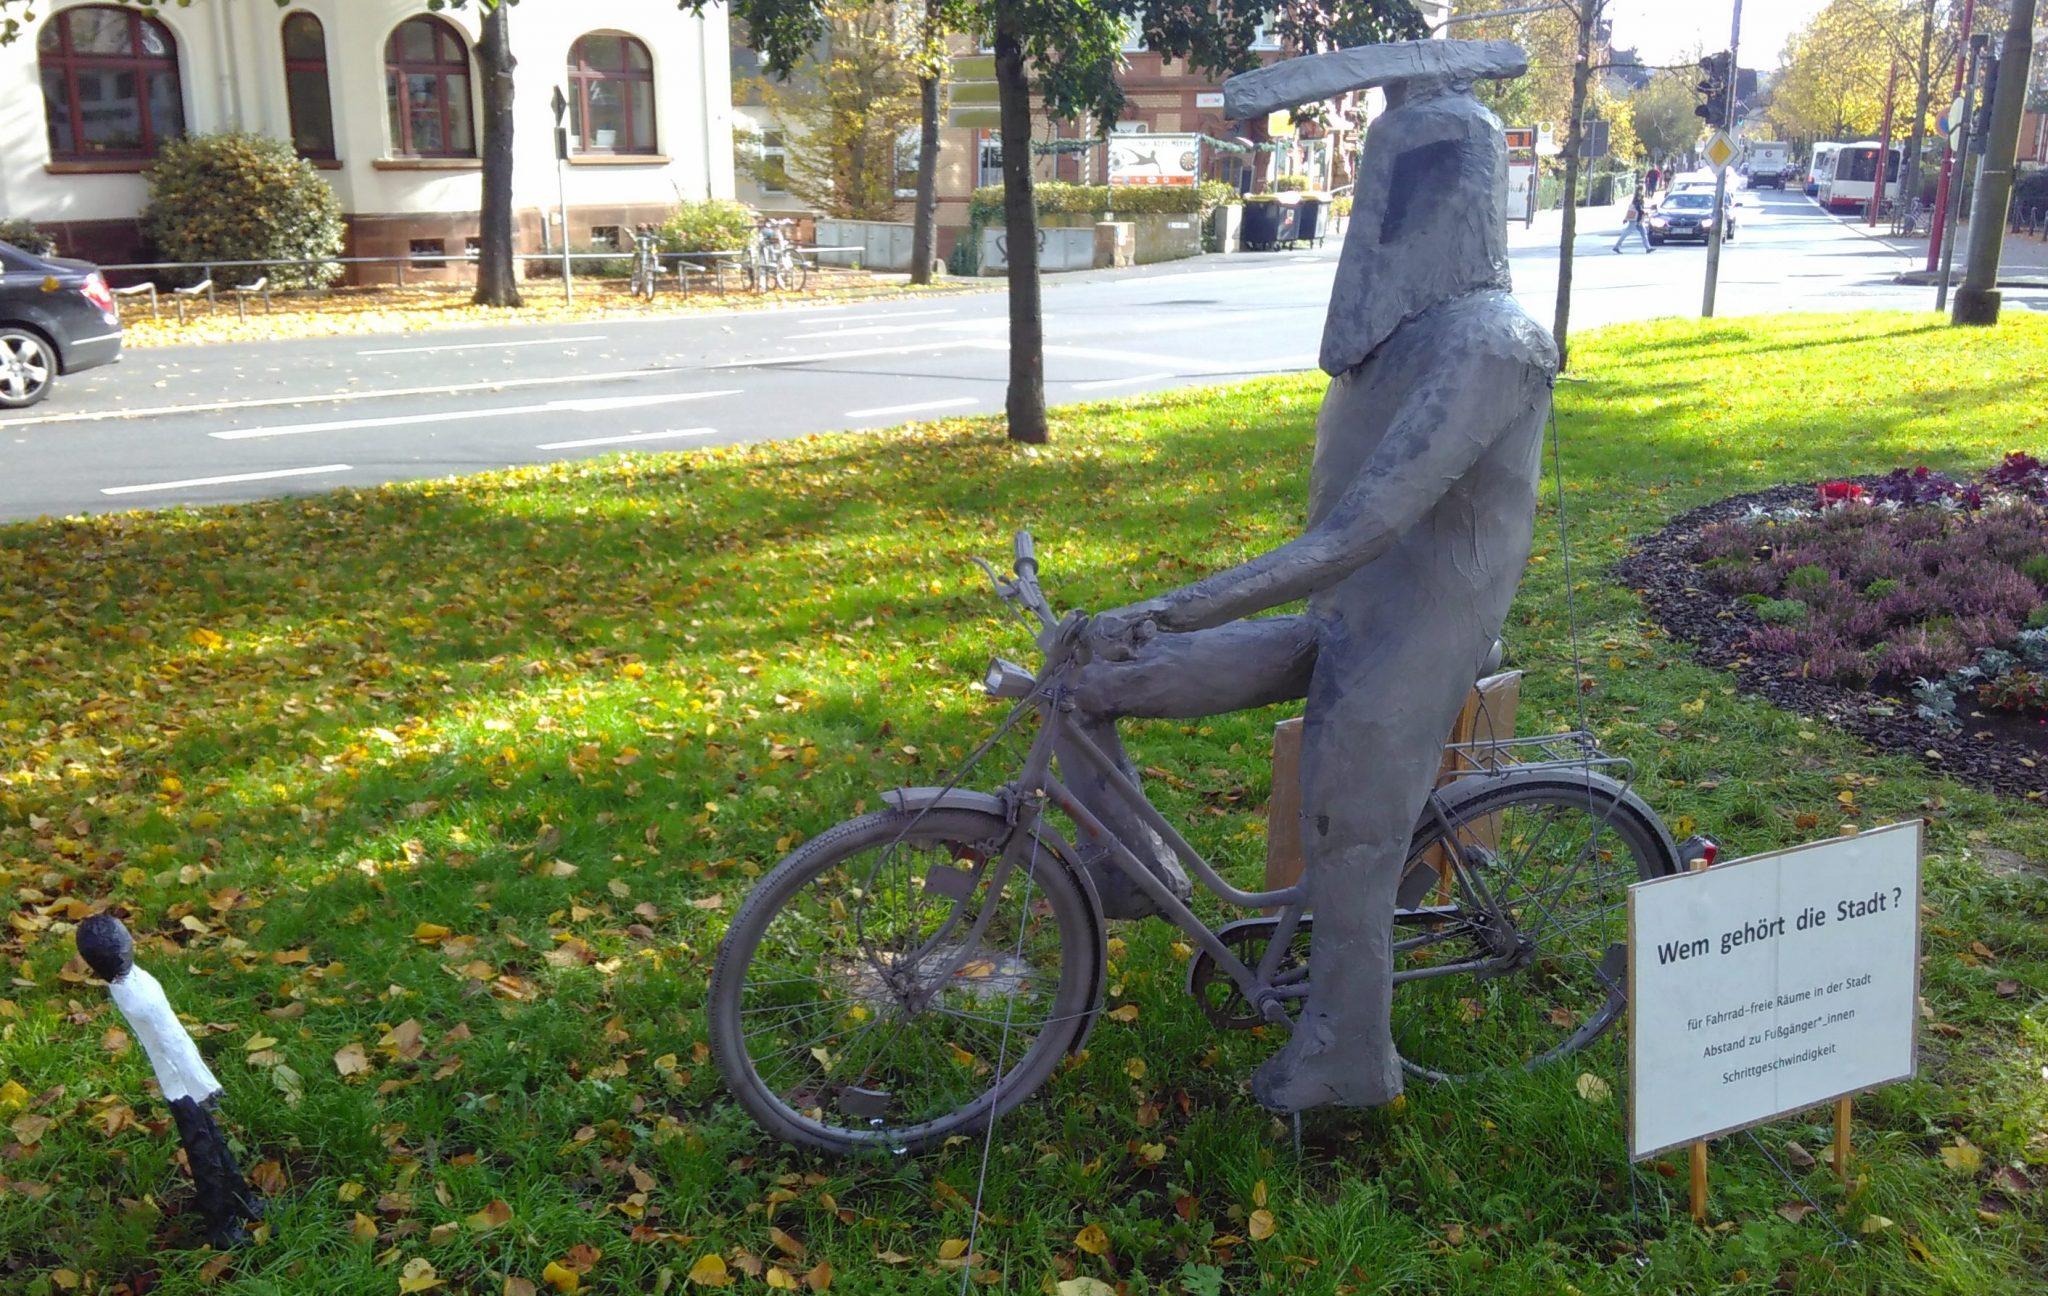 Verkehrspolitische Kunstwerke